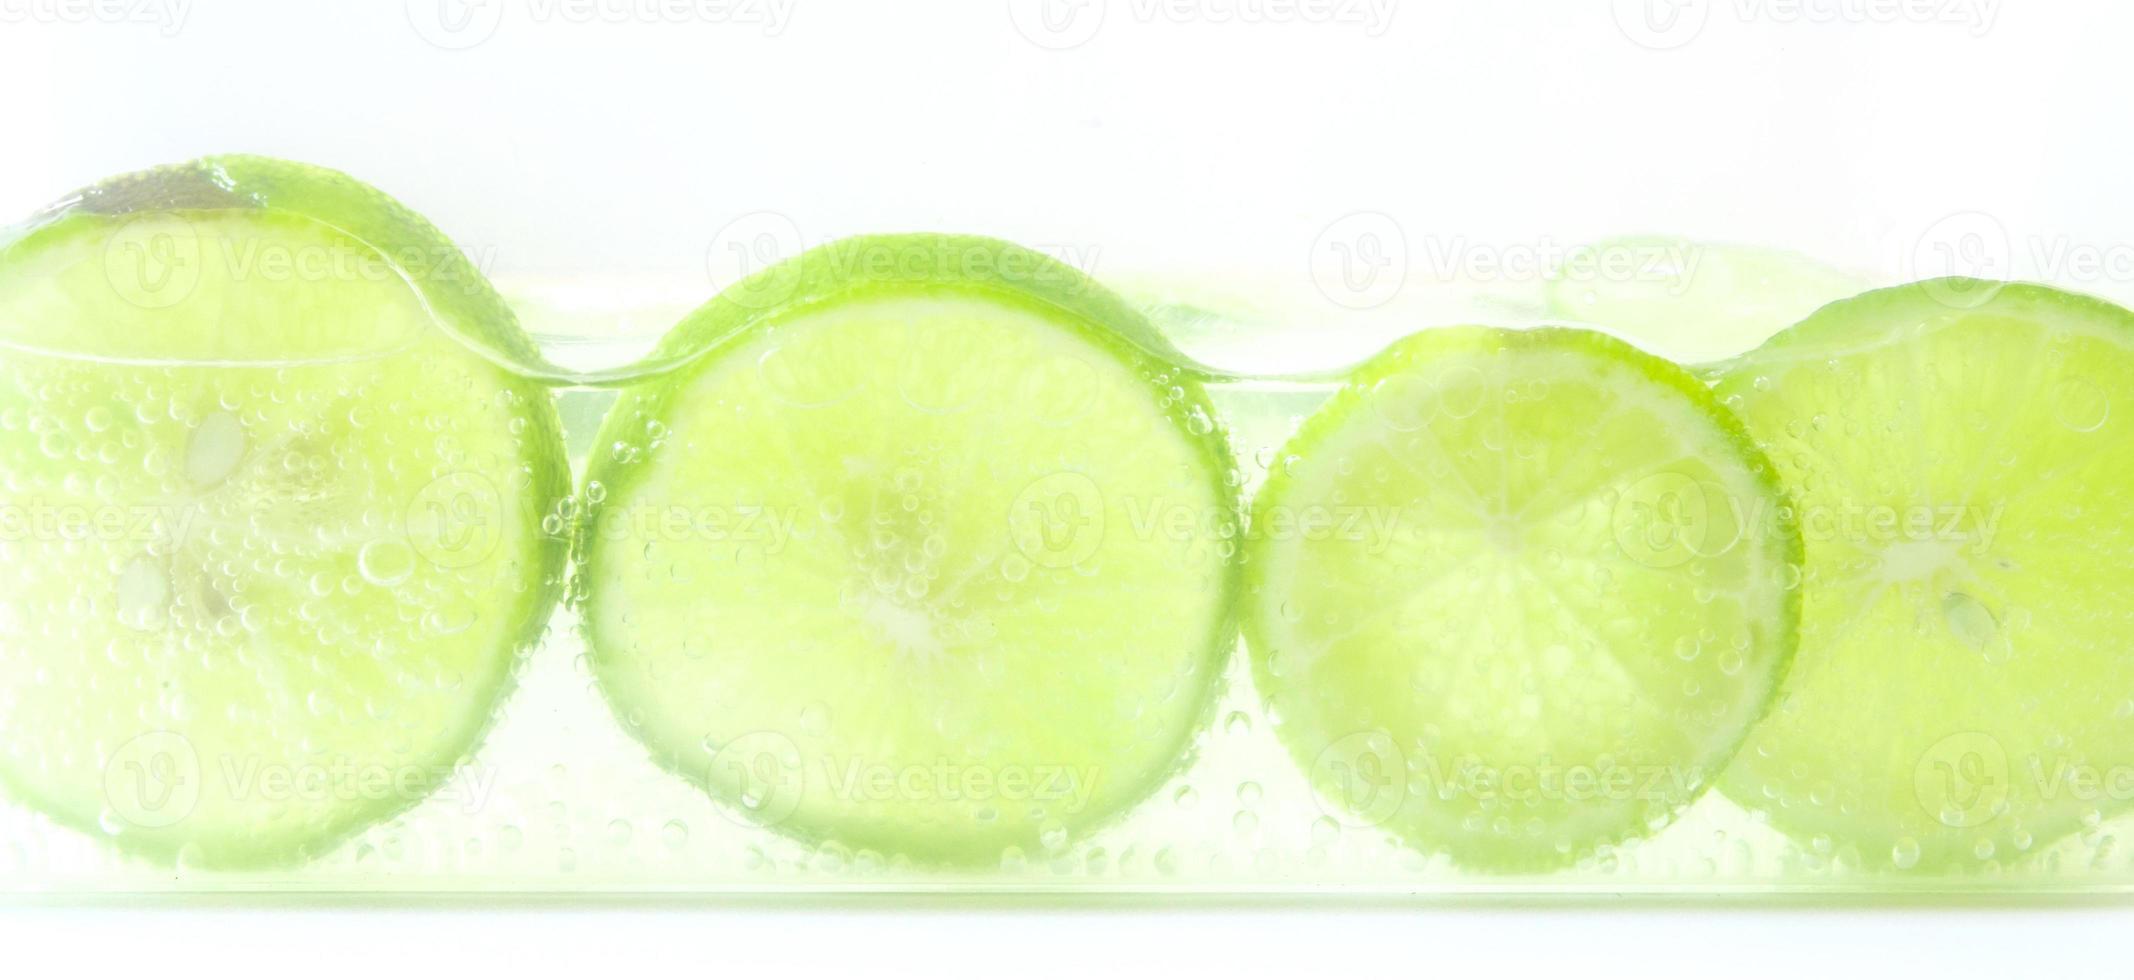 calce con bolle isolato su sfondo bianco foto